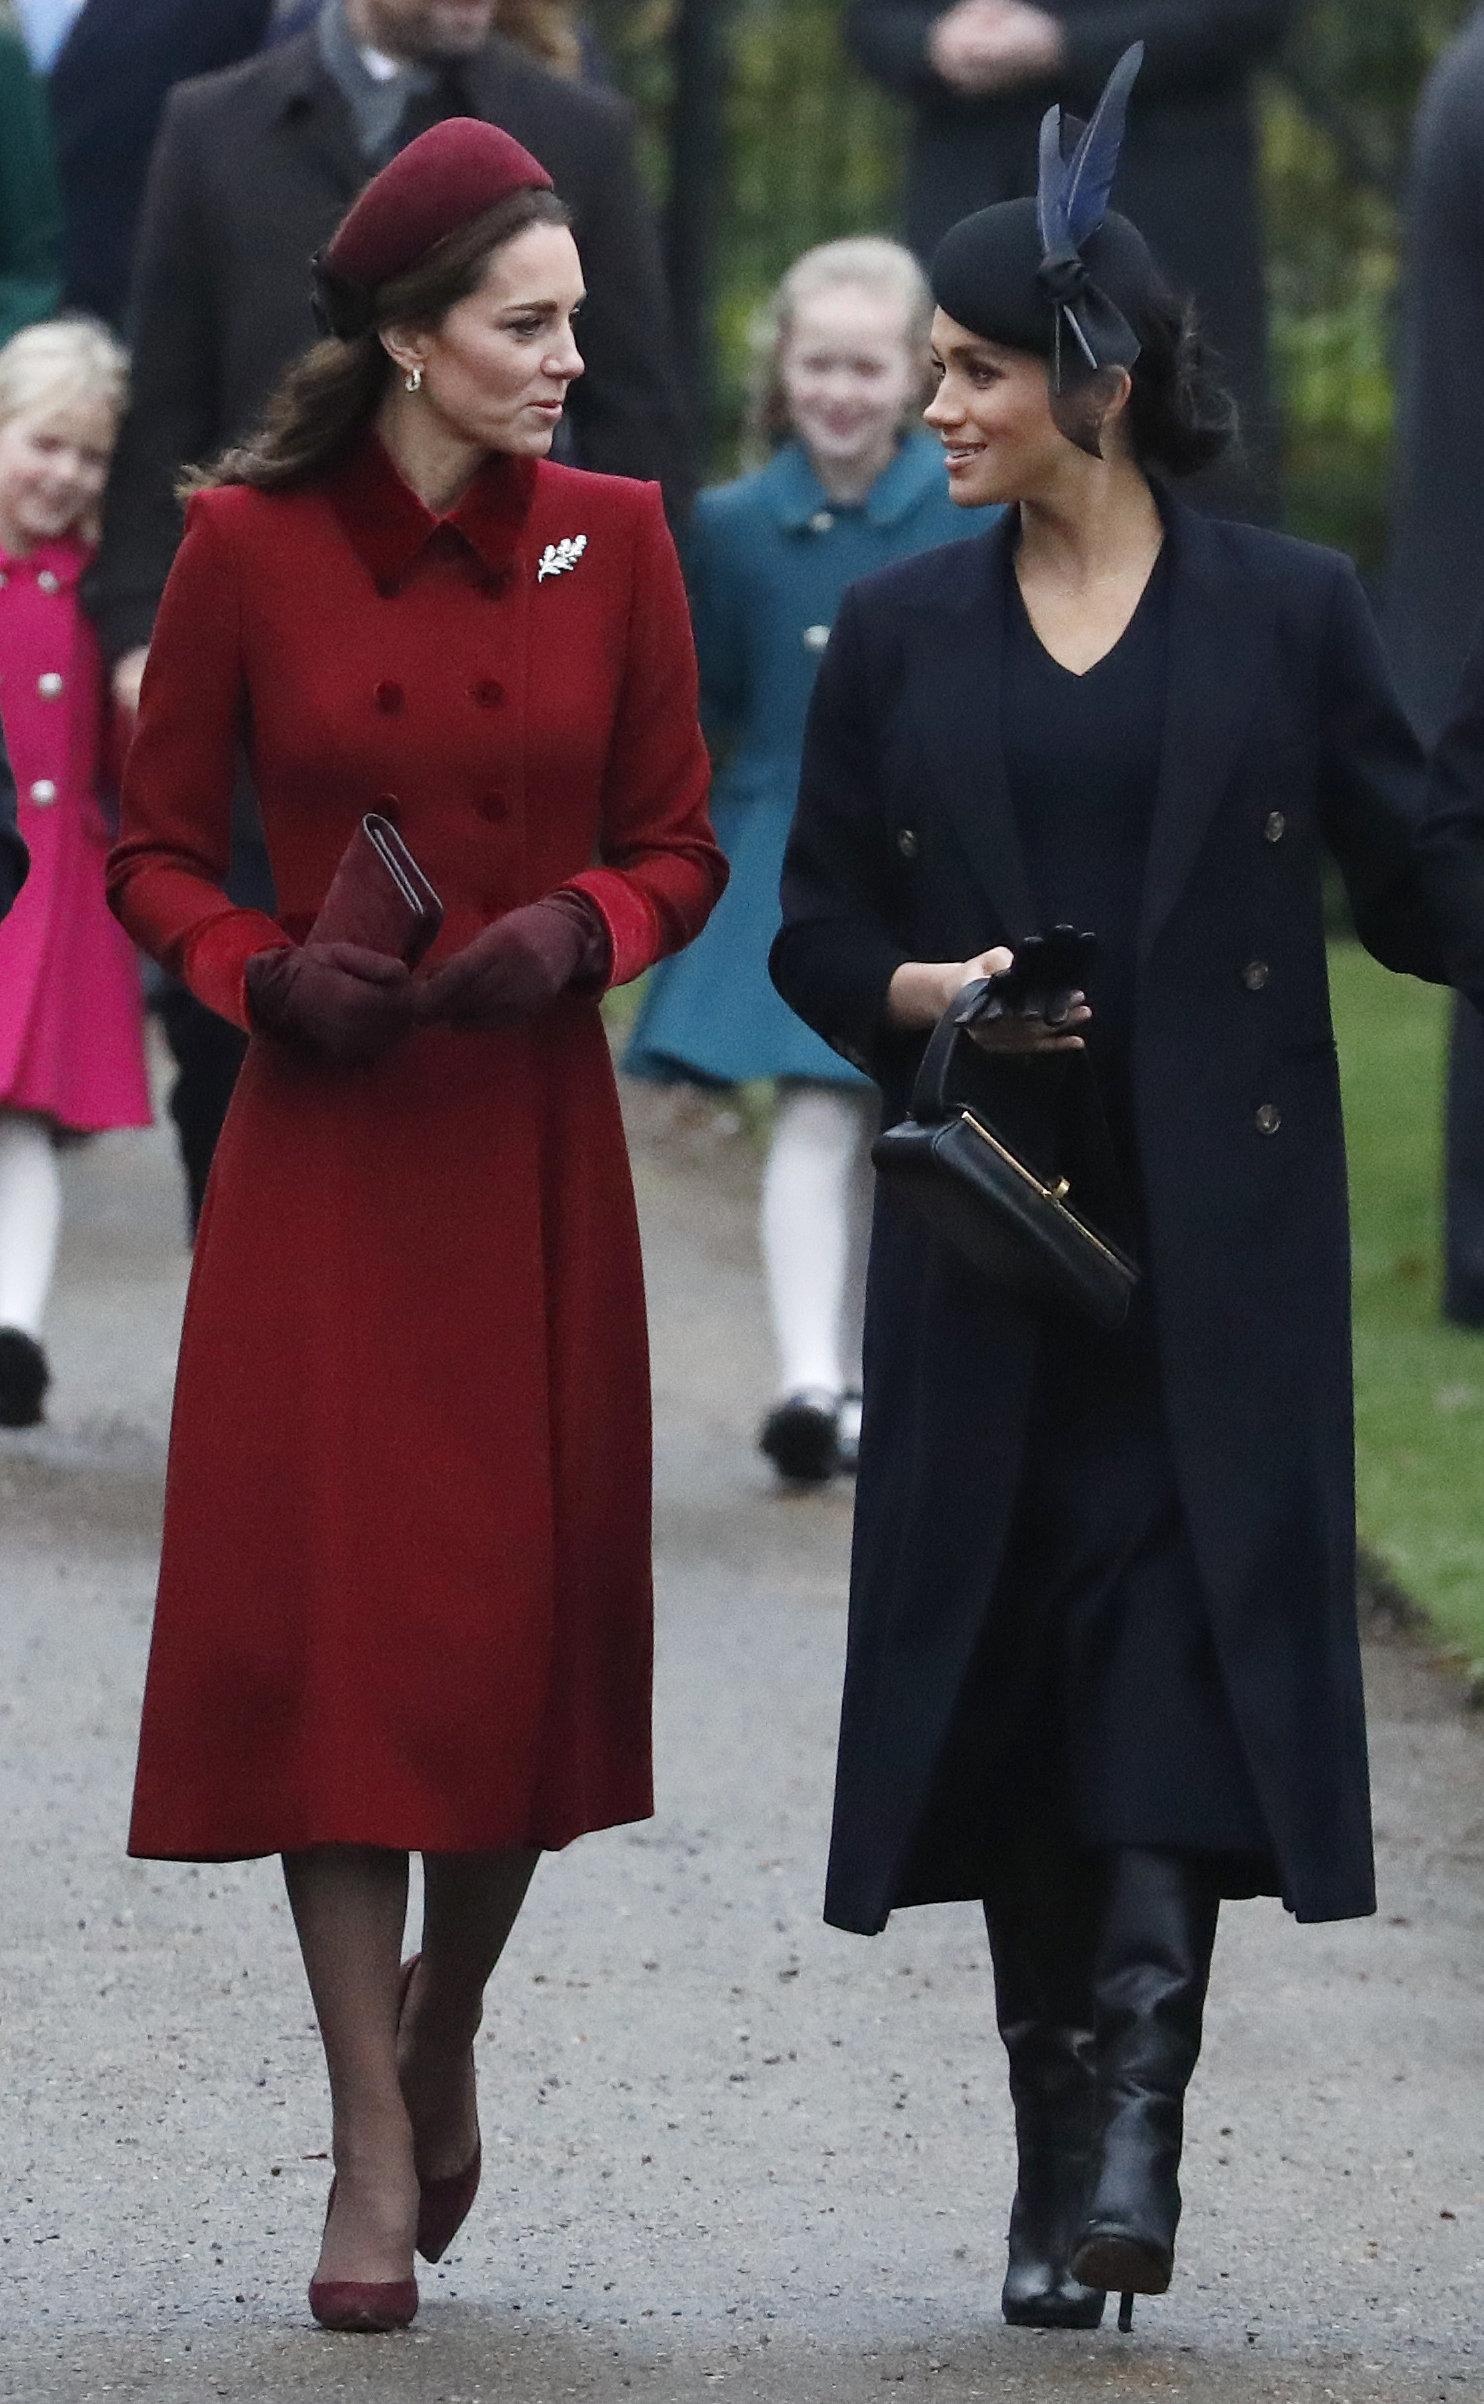 Το επίσημο βίντεο της βασιλικής οικογένειας για το 2018 και γιατί η Μέγκαν κλέβει ξανά την